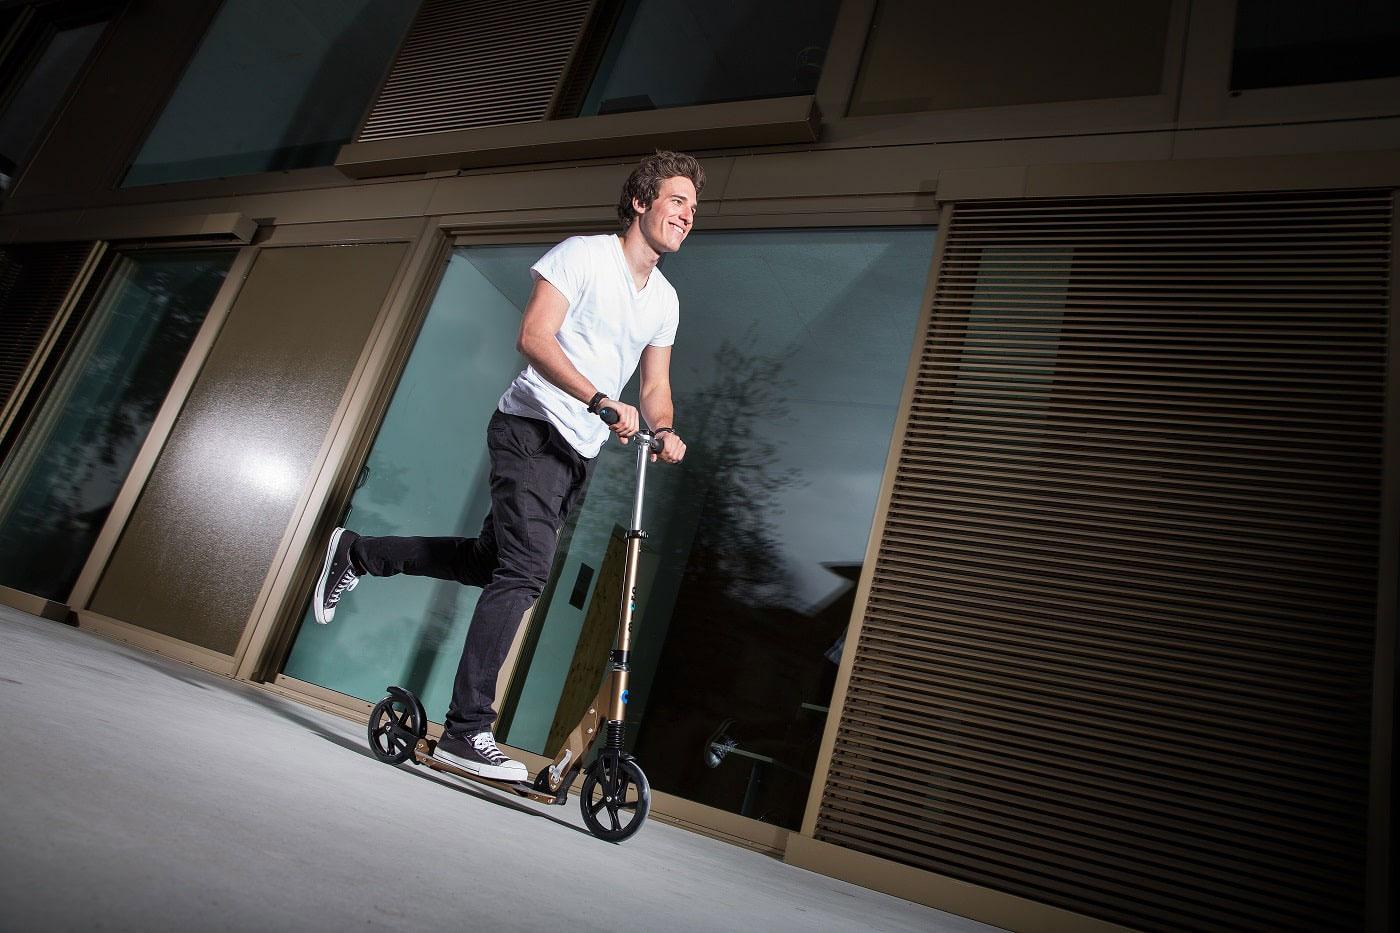 Trtroller für Erwachsene - Junger Mann fährt mit Micro Roller